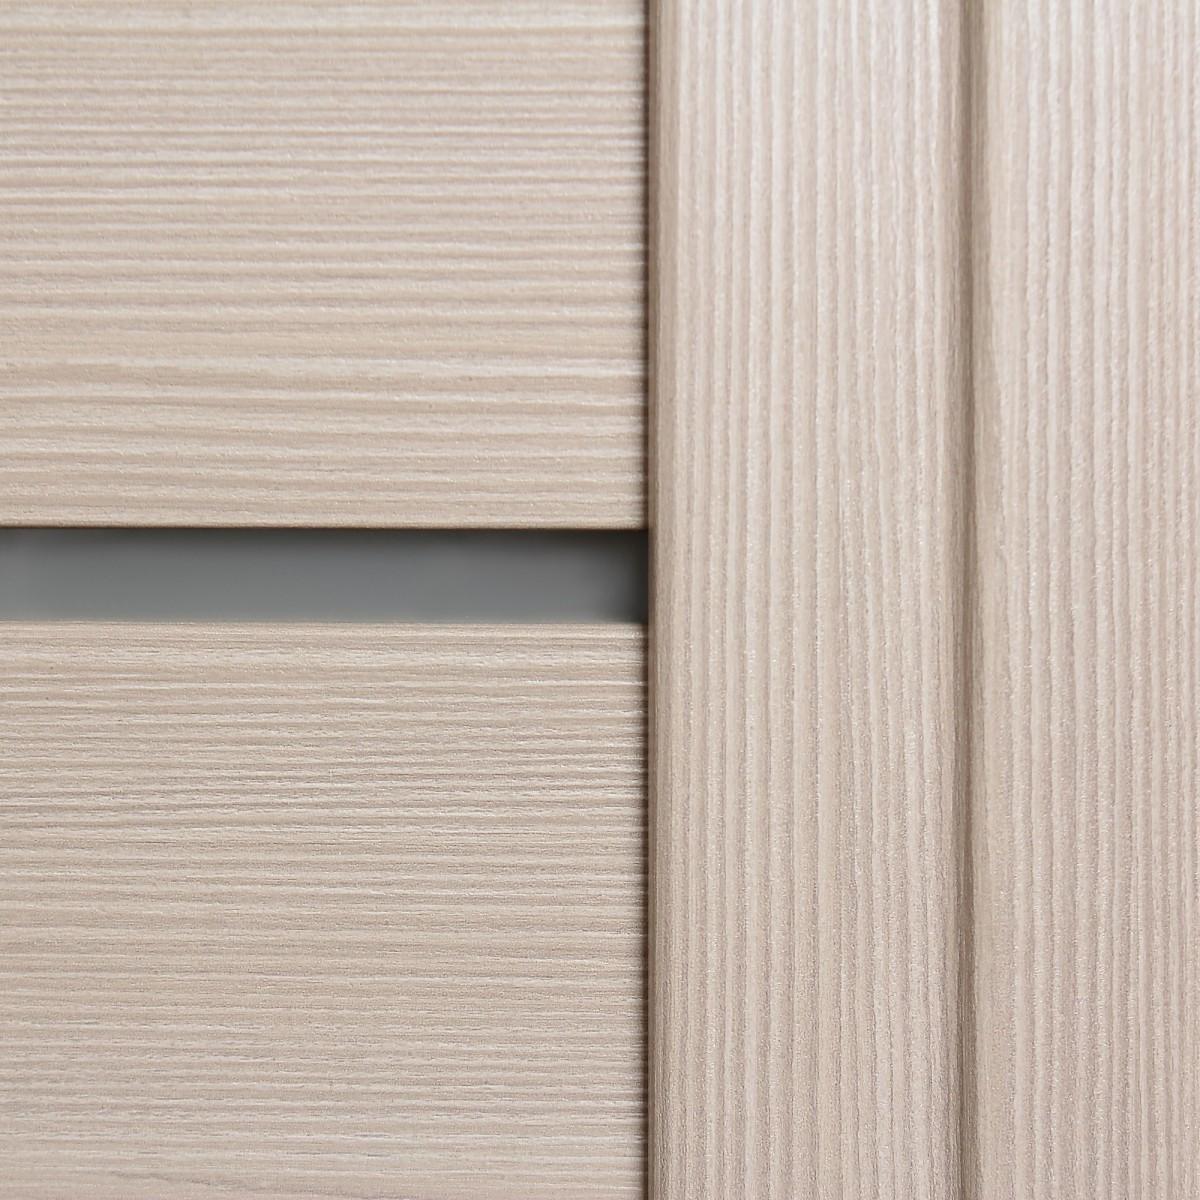 Дверь Межкомнатная Глухая С Замком В Комплекте Селект 70x200 Цвет Эшвуд